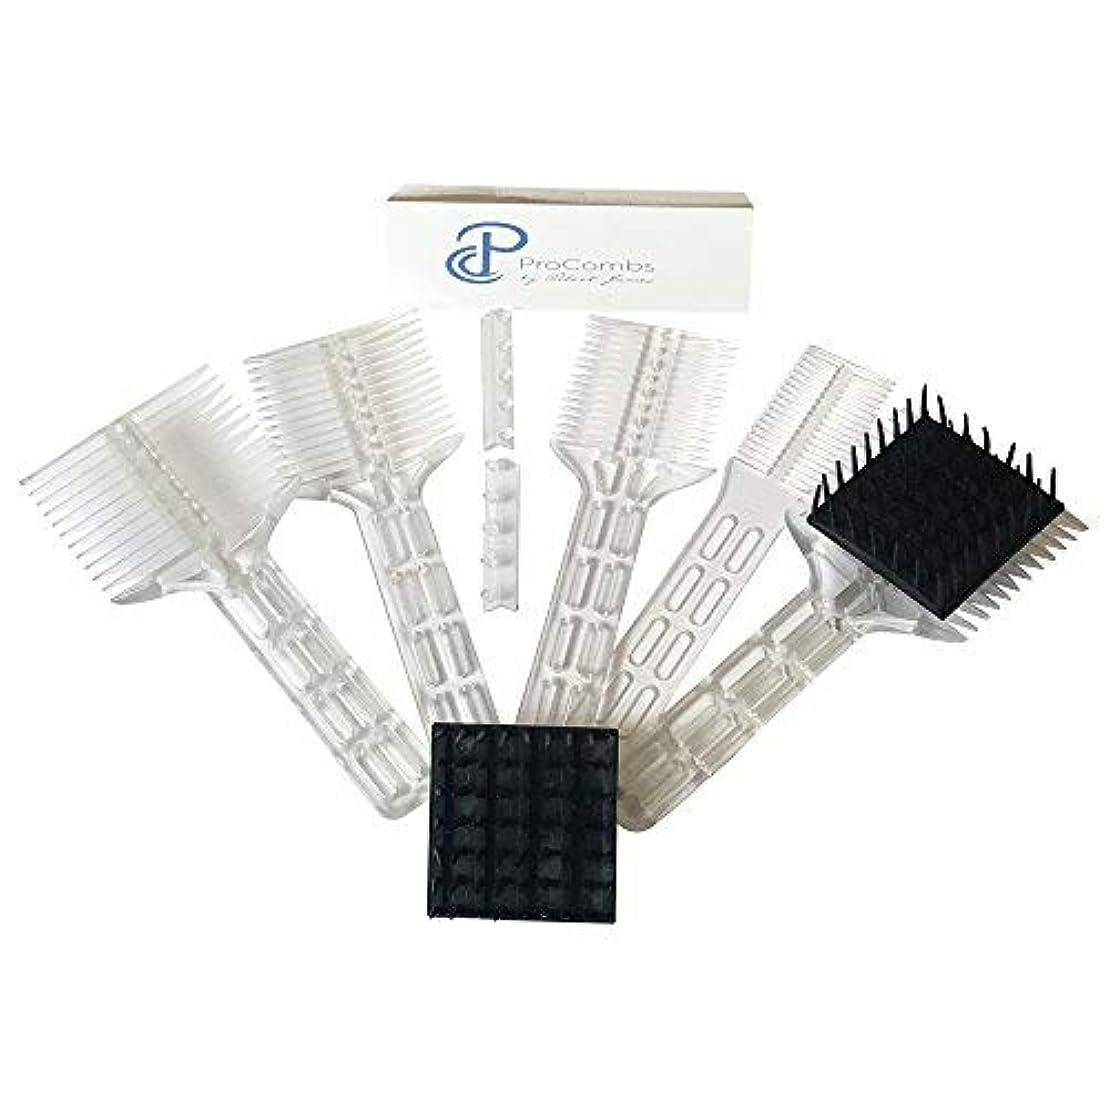 雲想定報告書Scissor/Clipper Over Comb Tool For The Perfect Haircut [並行輸入品]